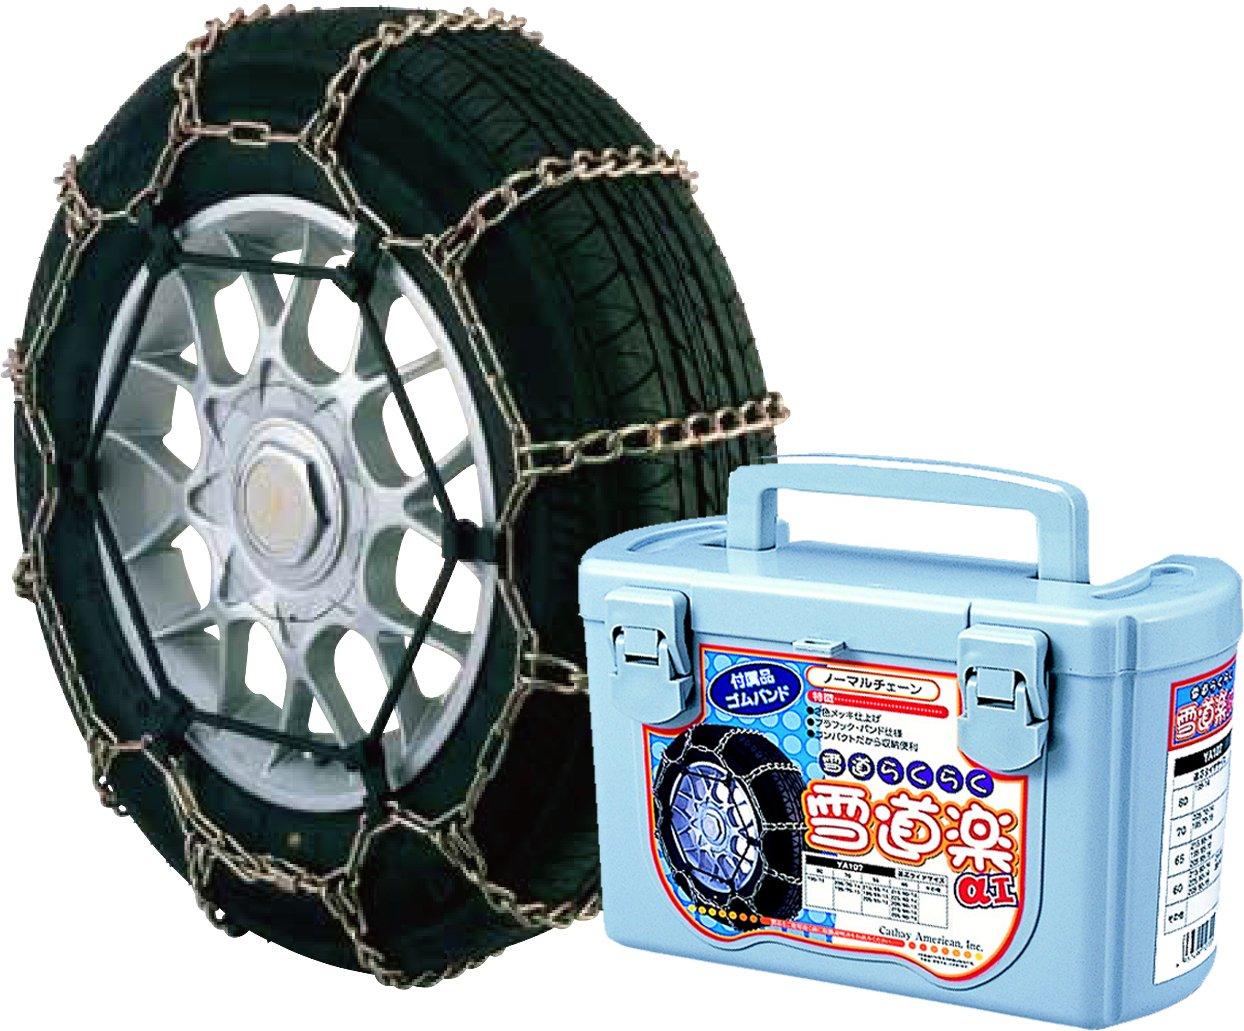 エフイーシー(FEC) 金属タイヤチェーン [ 雪道楽 α1 ] ラダー型 YA106 B005V4FHVW